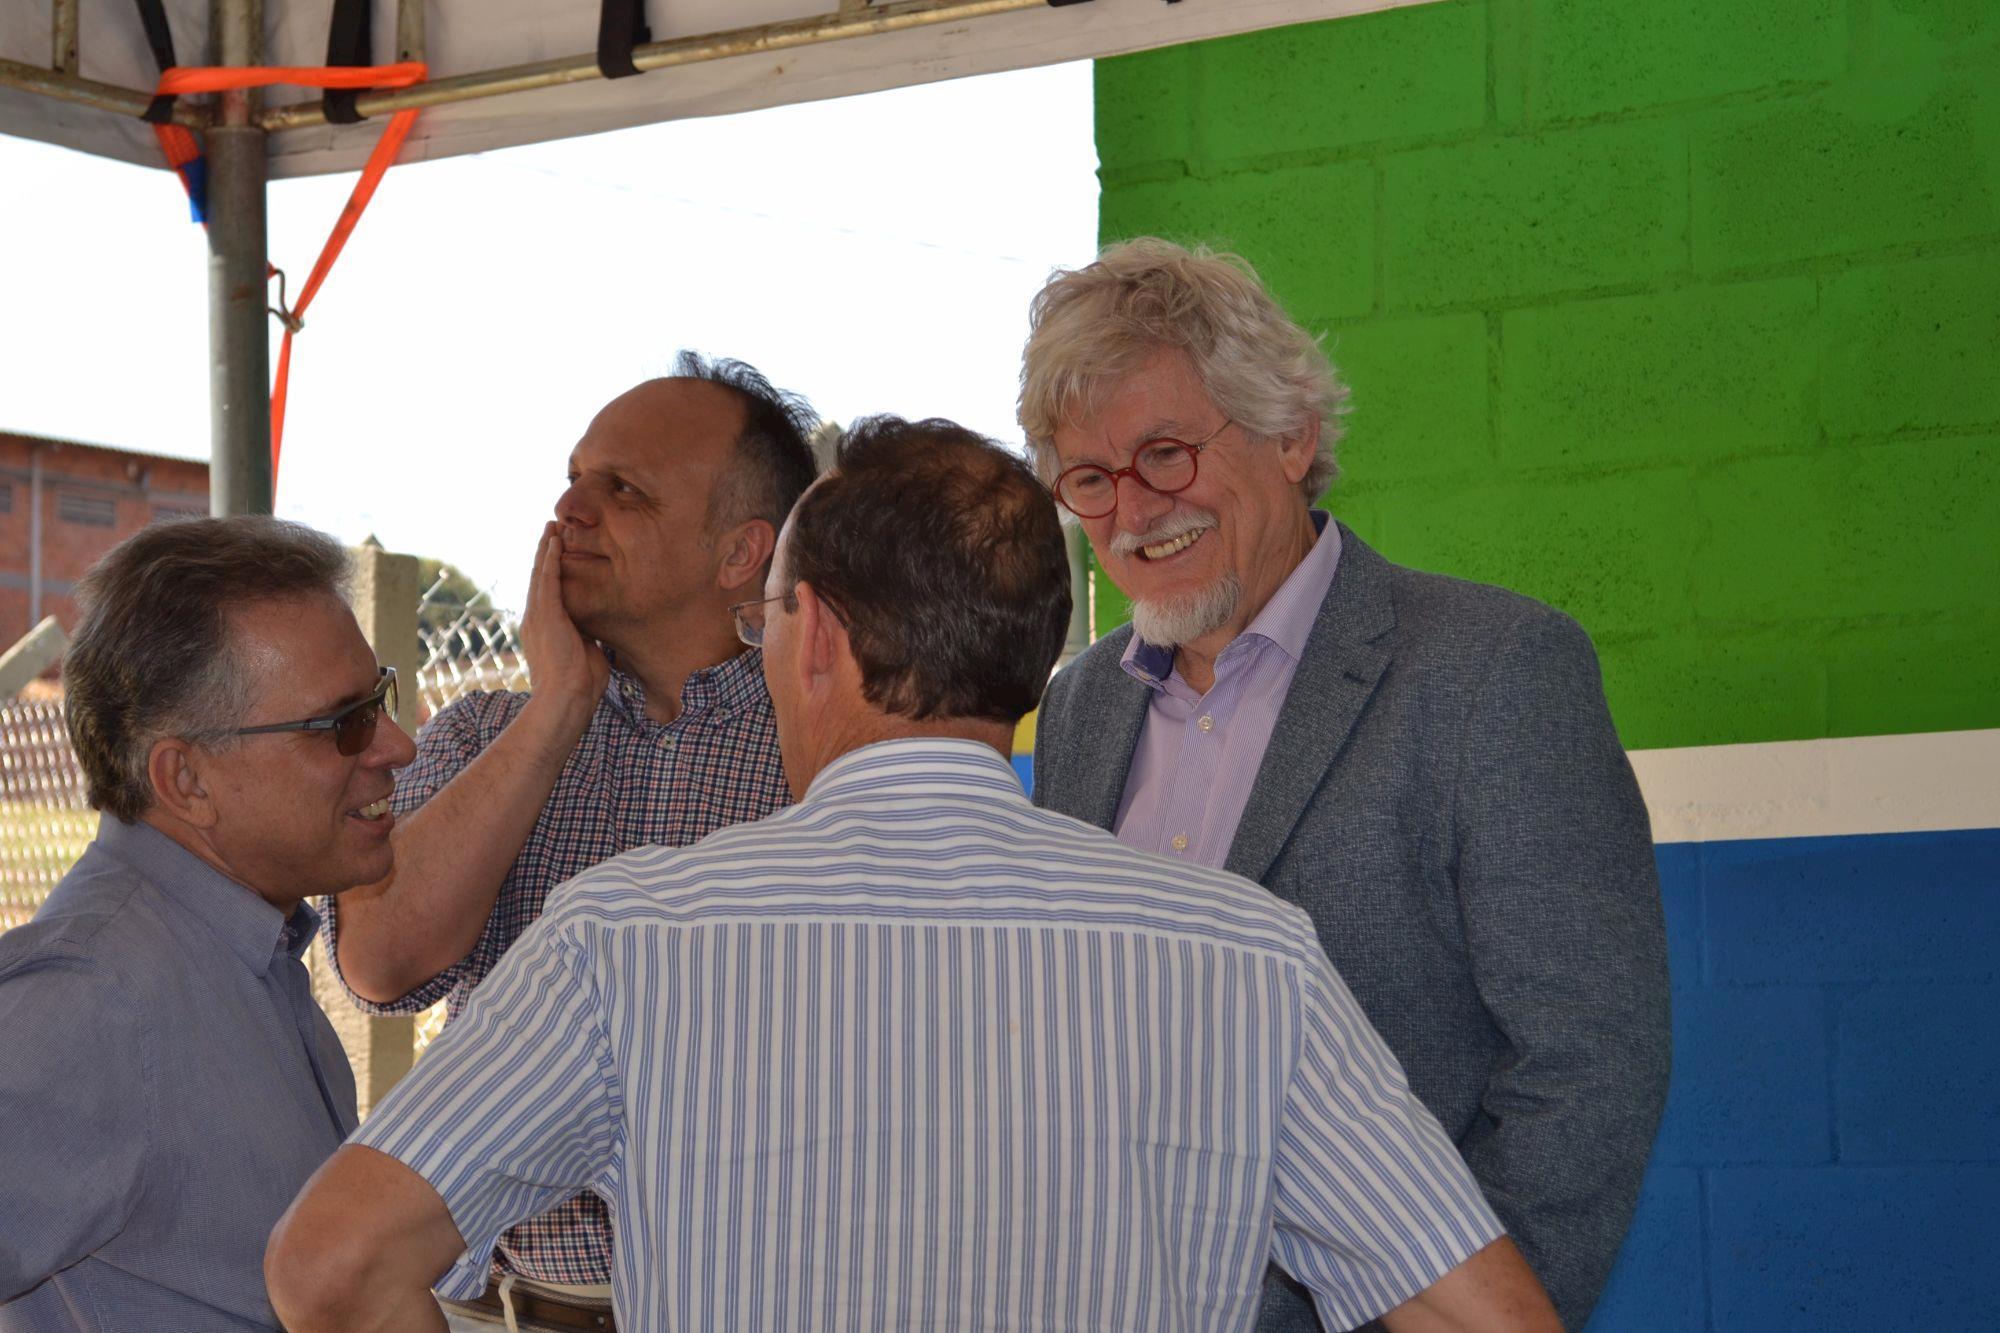 Centro experimental de pesquisas em nutrição de suínos é inaugurado em Londrina, Centro experimental de pesquisas em nutrição de suínos é inaugurado em Londrina